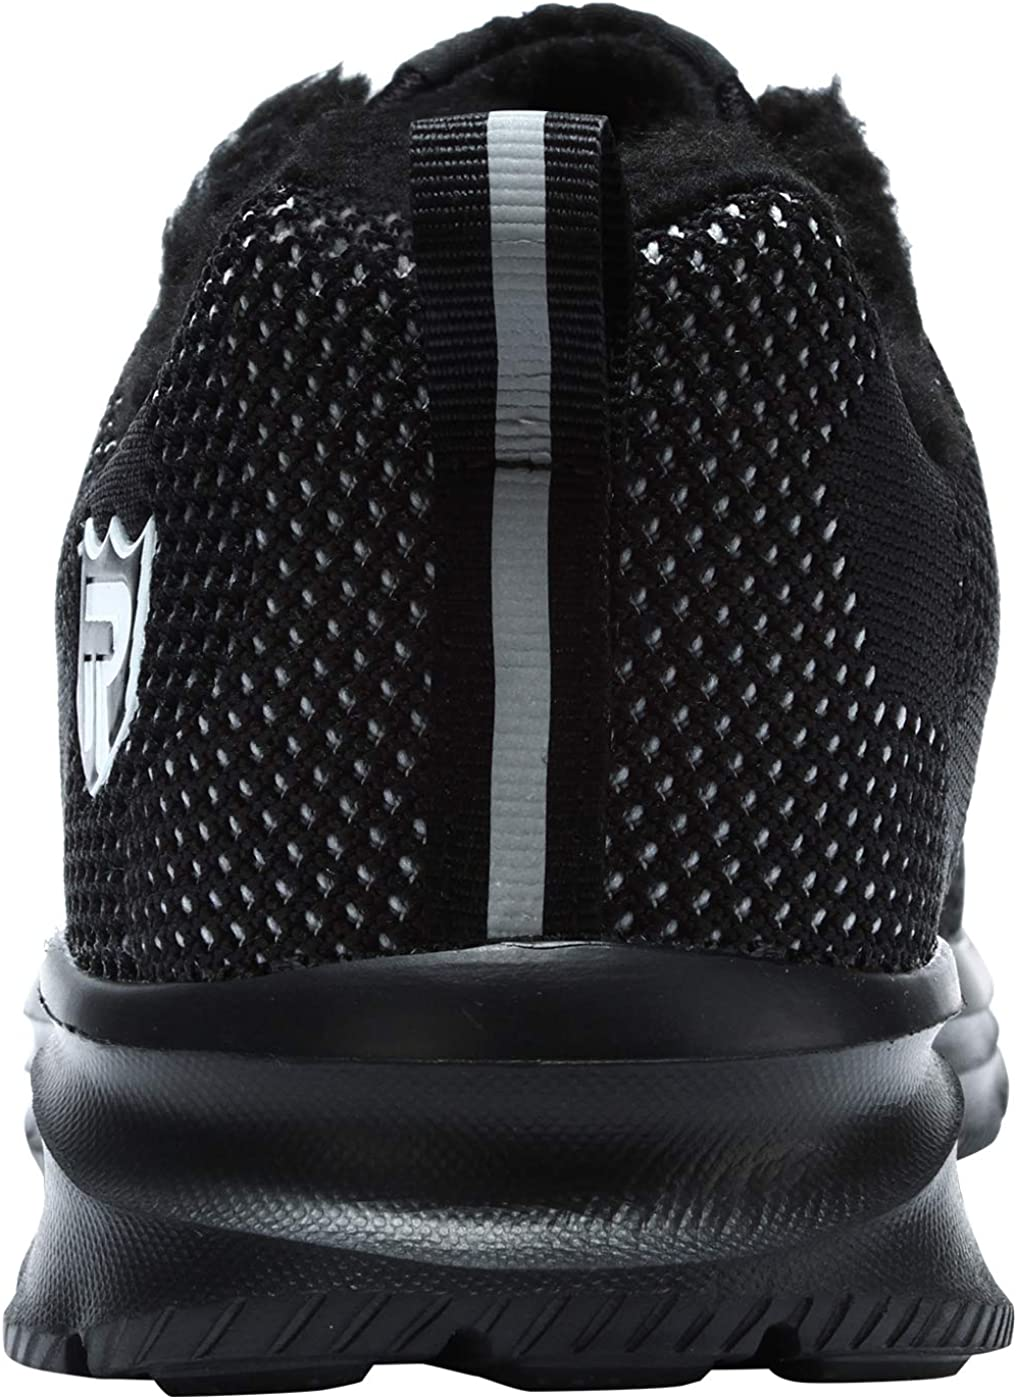 LARNMERN Sicherheitsschuhe Herren,L91169 SBP Arbeitsschuhe,Schutzschuhe mit Stahlkappen Anti-Punktion Leicht Atmungsaktiv Schuhe